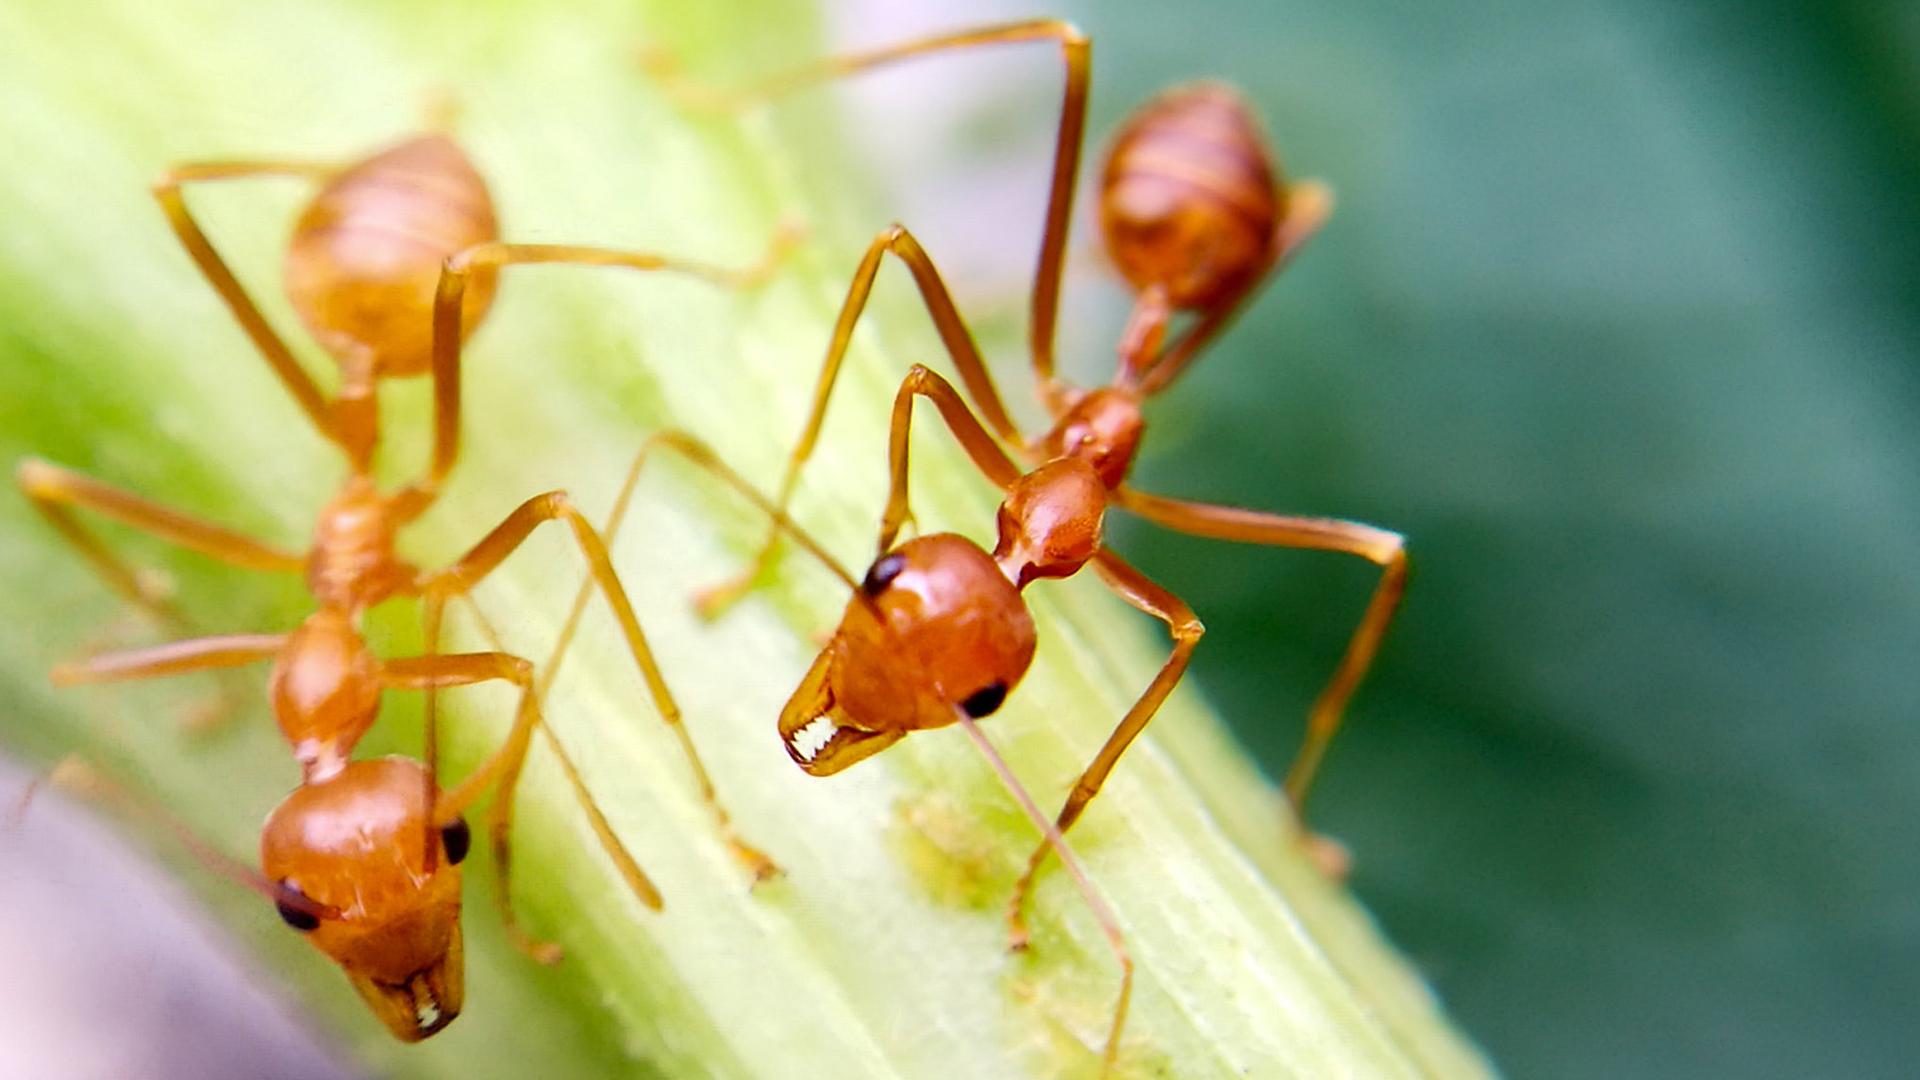 ¿Cómo hacen las hormigas para evitar los tapones?